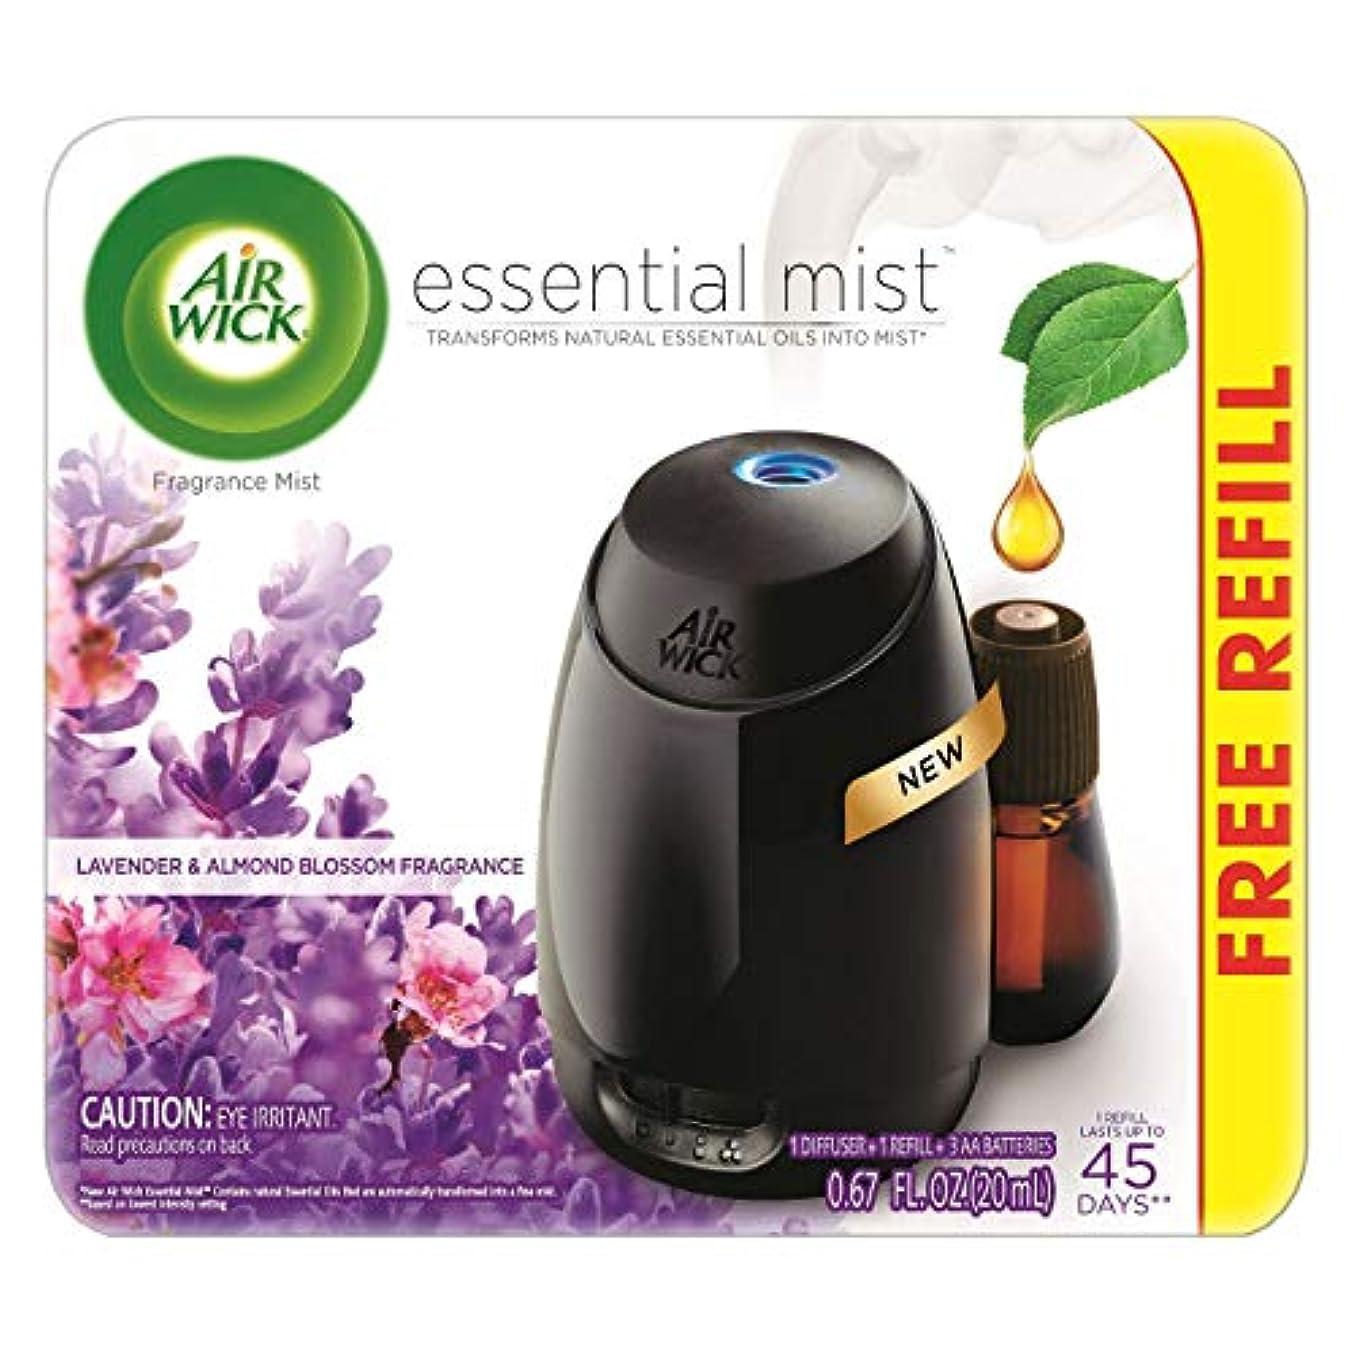 姿を消すブリッジ流行しているAir Wick Fresh Lavender & Almond Blossom Fragrance Essential エアーウィックフレッシュフレグランスエッセンシャルミスト本体+ ラベンダー&アーモンドブロッサム...